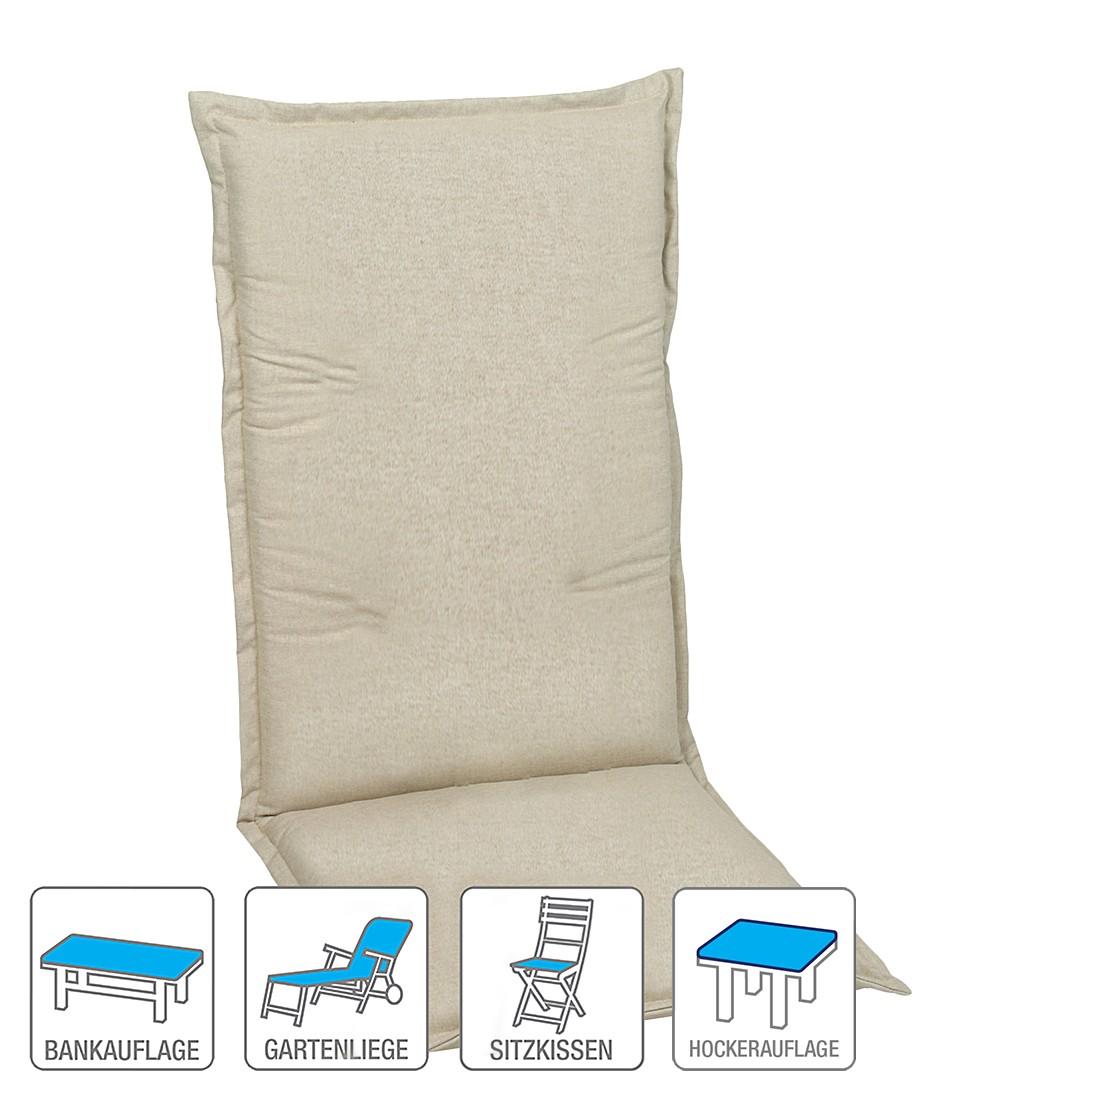 kissen auflagen online kaufen. Black Bedroom Furniture Sets. Home Design Ideas